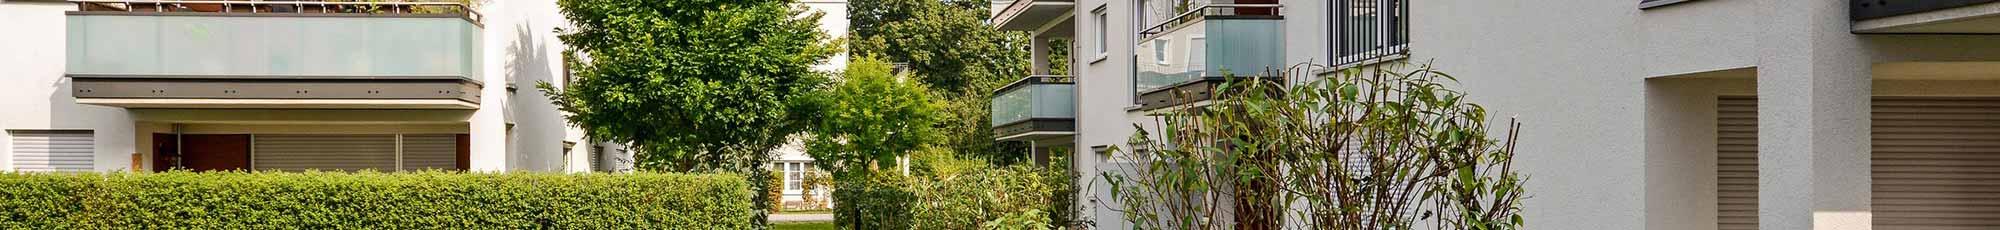 WEG Verwaltung Bonn, Köln, Rhein-Sieg Kreis